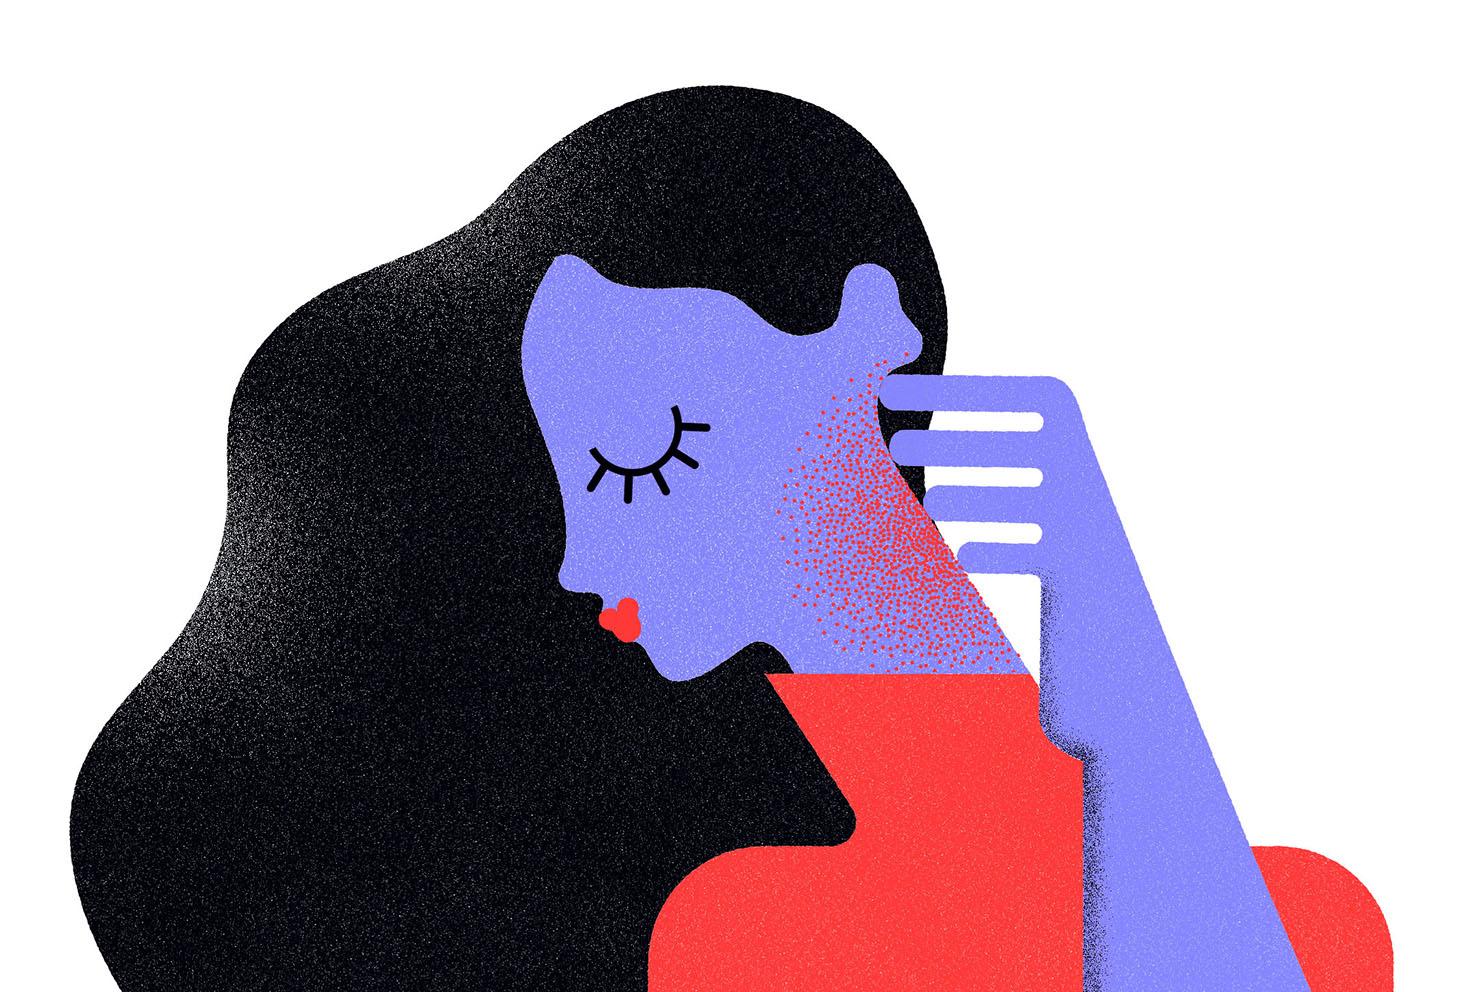 Freundin-Kopfschmerzen-Folgeillu-1